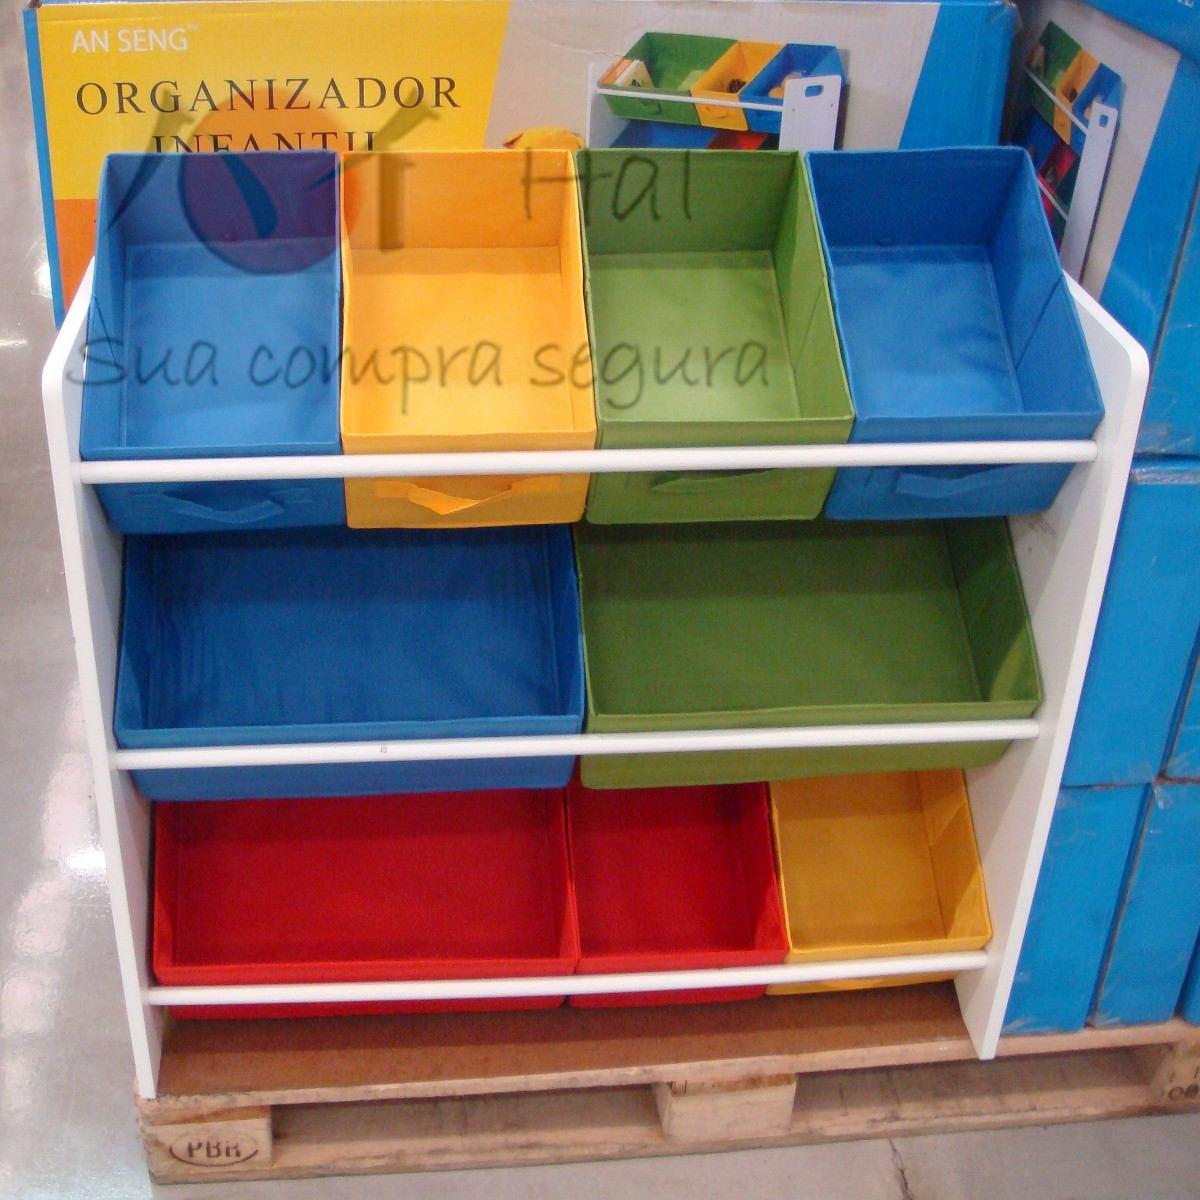 Arm rio organizador infantil caixas coloridas frete - Armarios infantiles ...